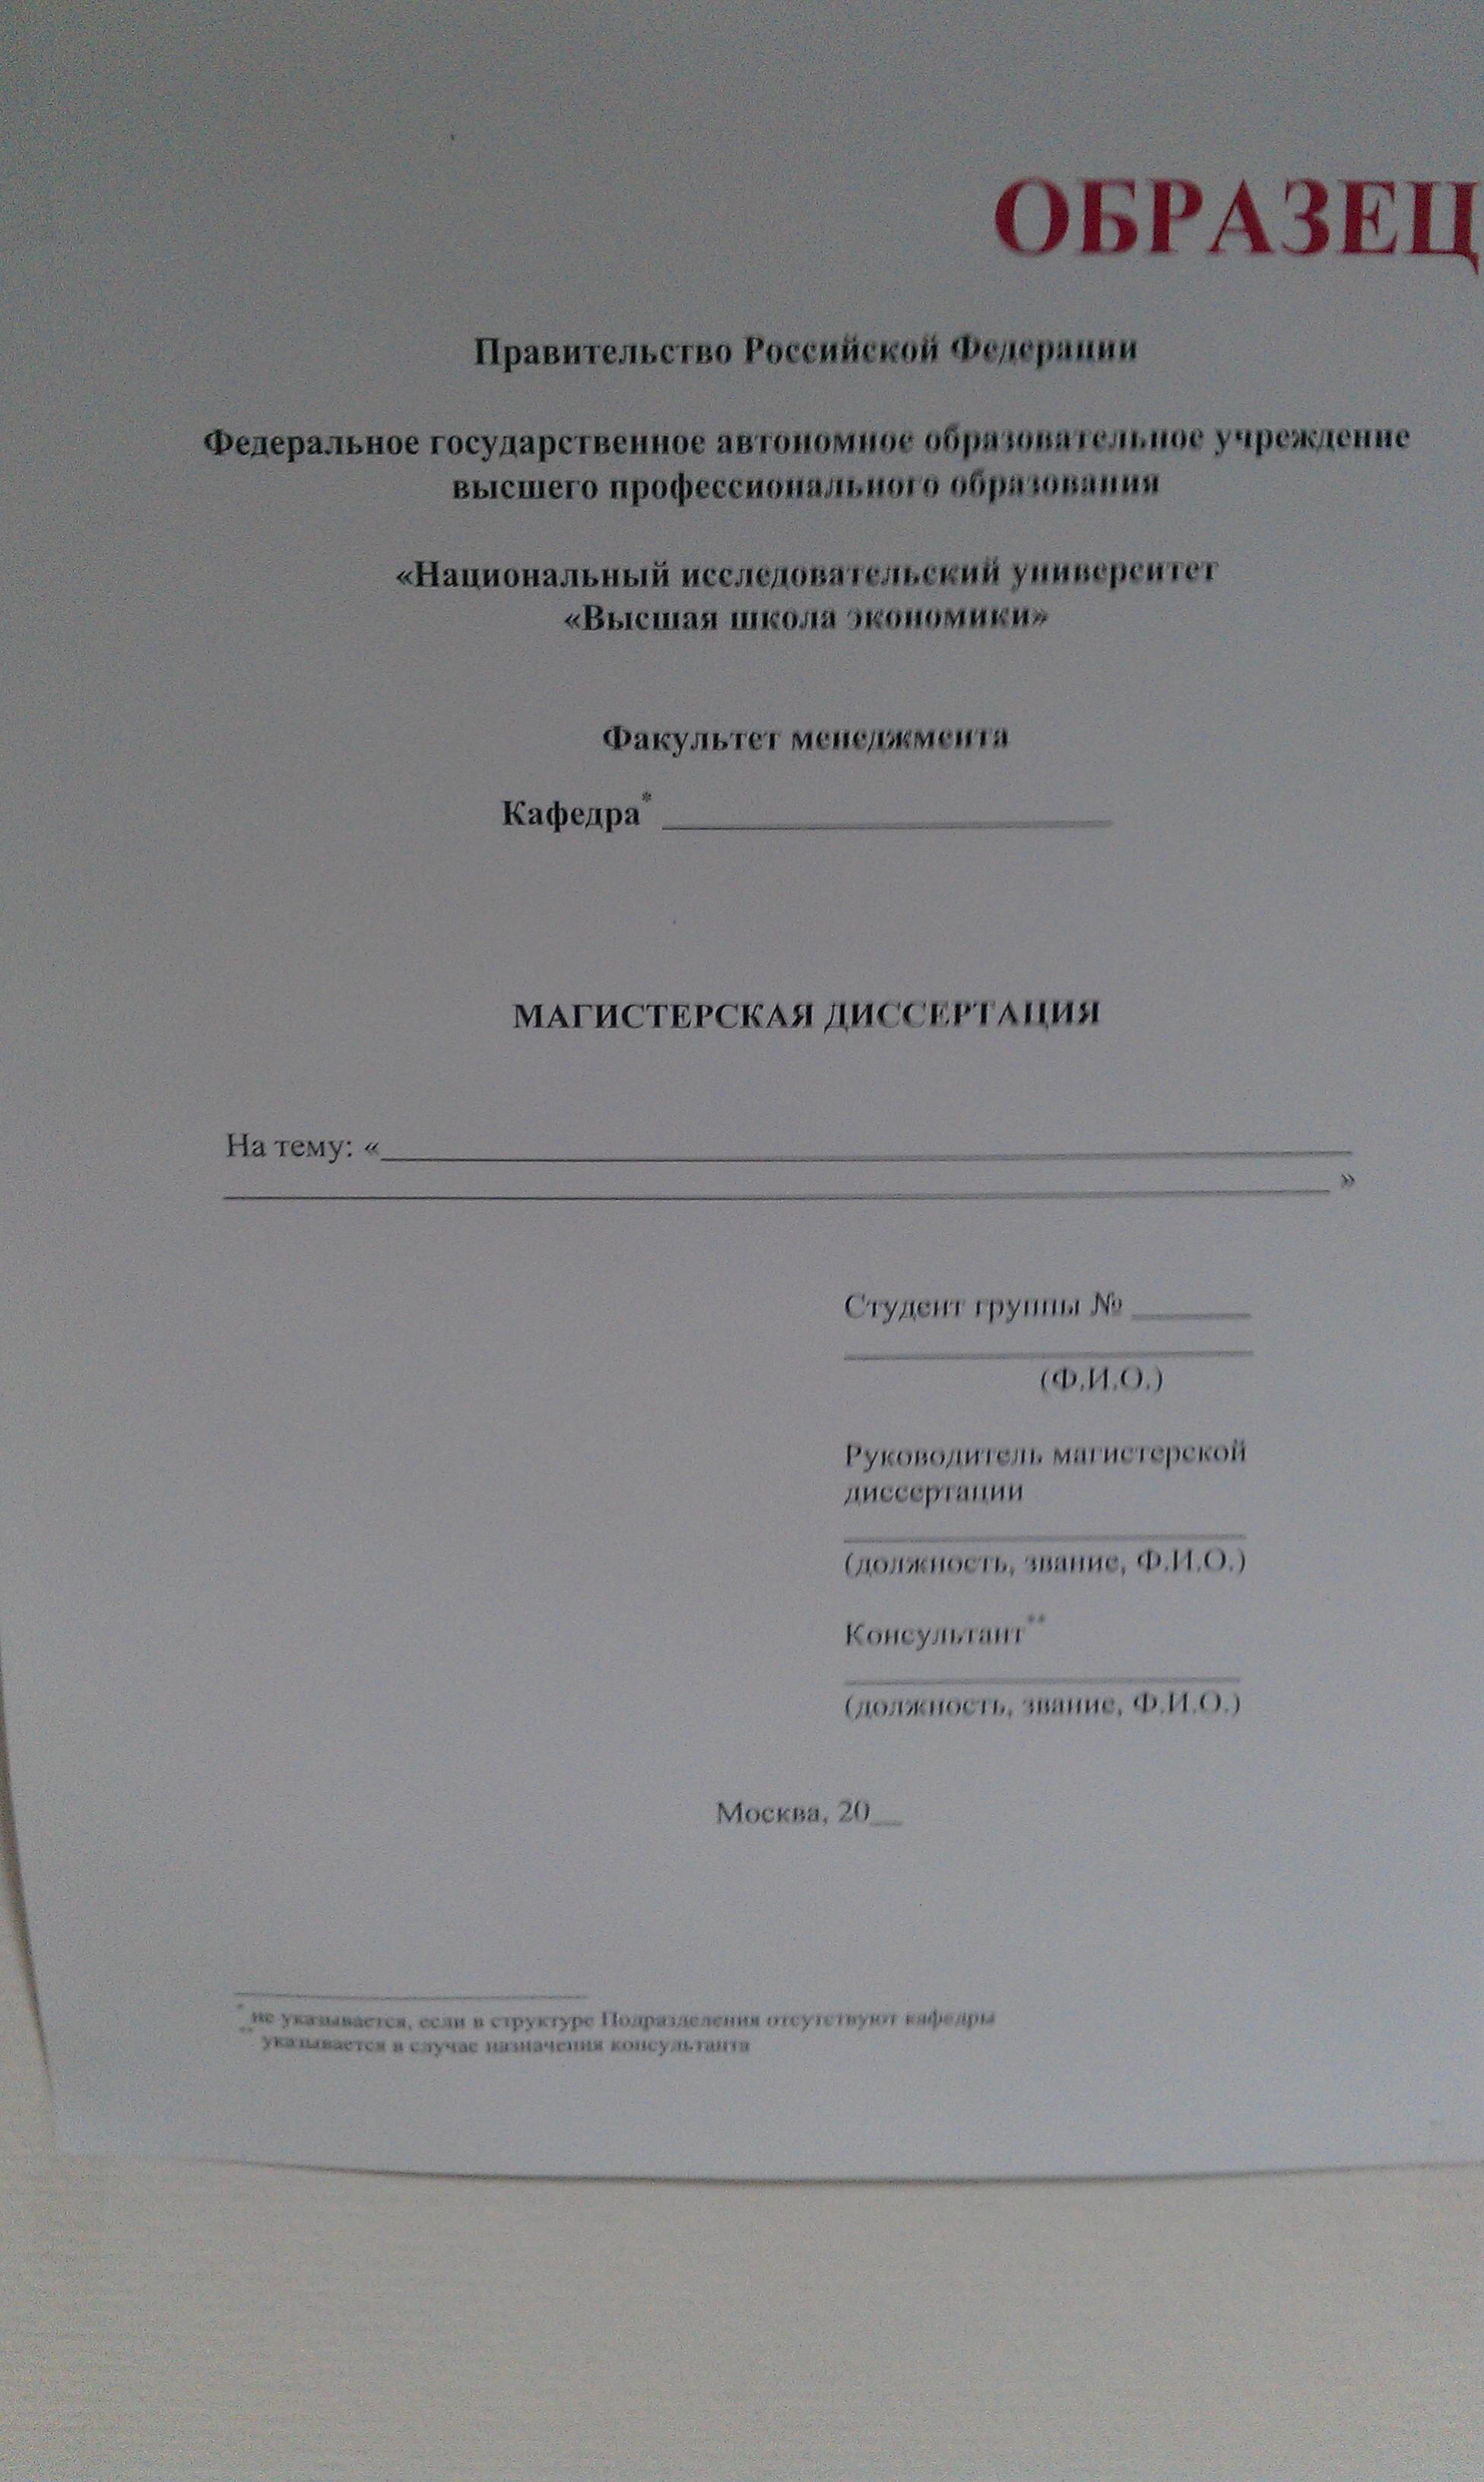 Образец оформления титульного листа ВКР и магистерской диссертации  Образец оформления титульного листа ВКР и магистерской диссертации